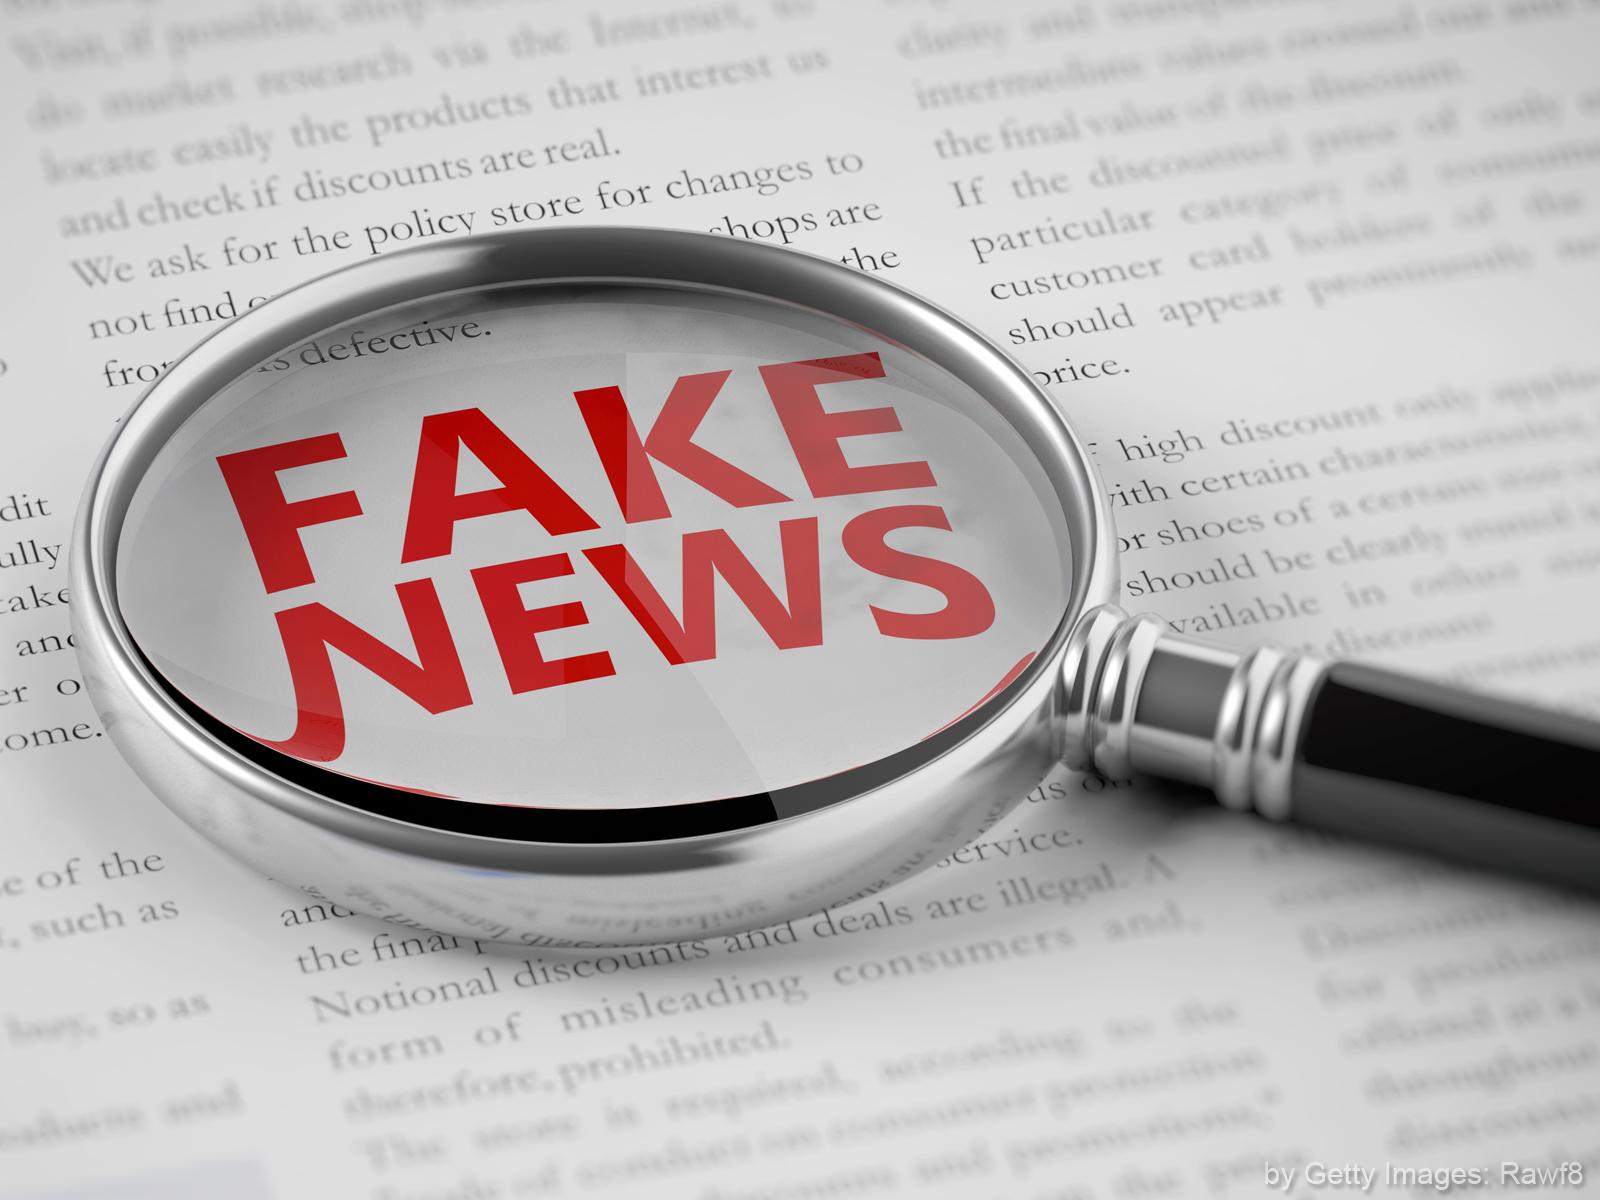 Em tempos de fake news, busquemos a Verdade que liberta